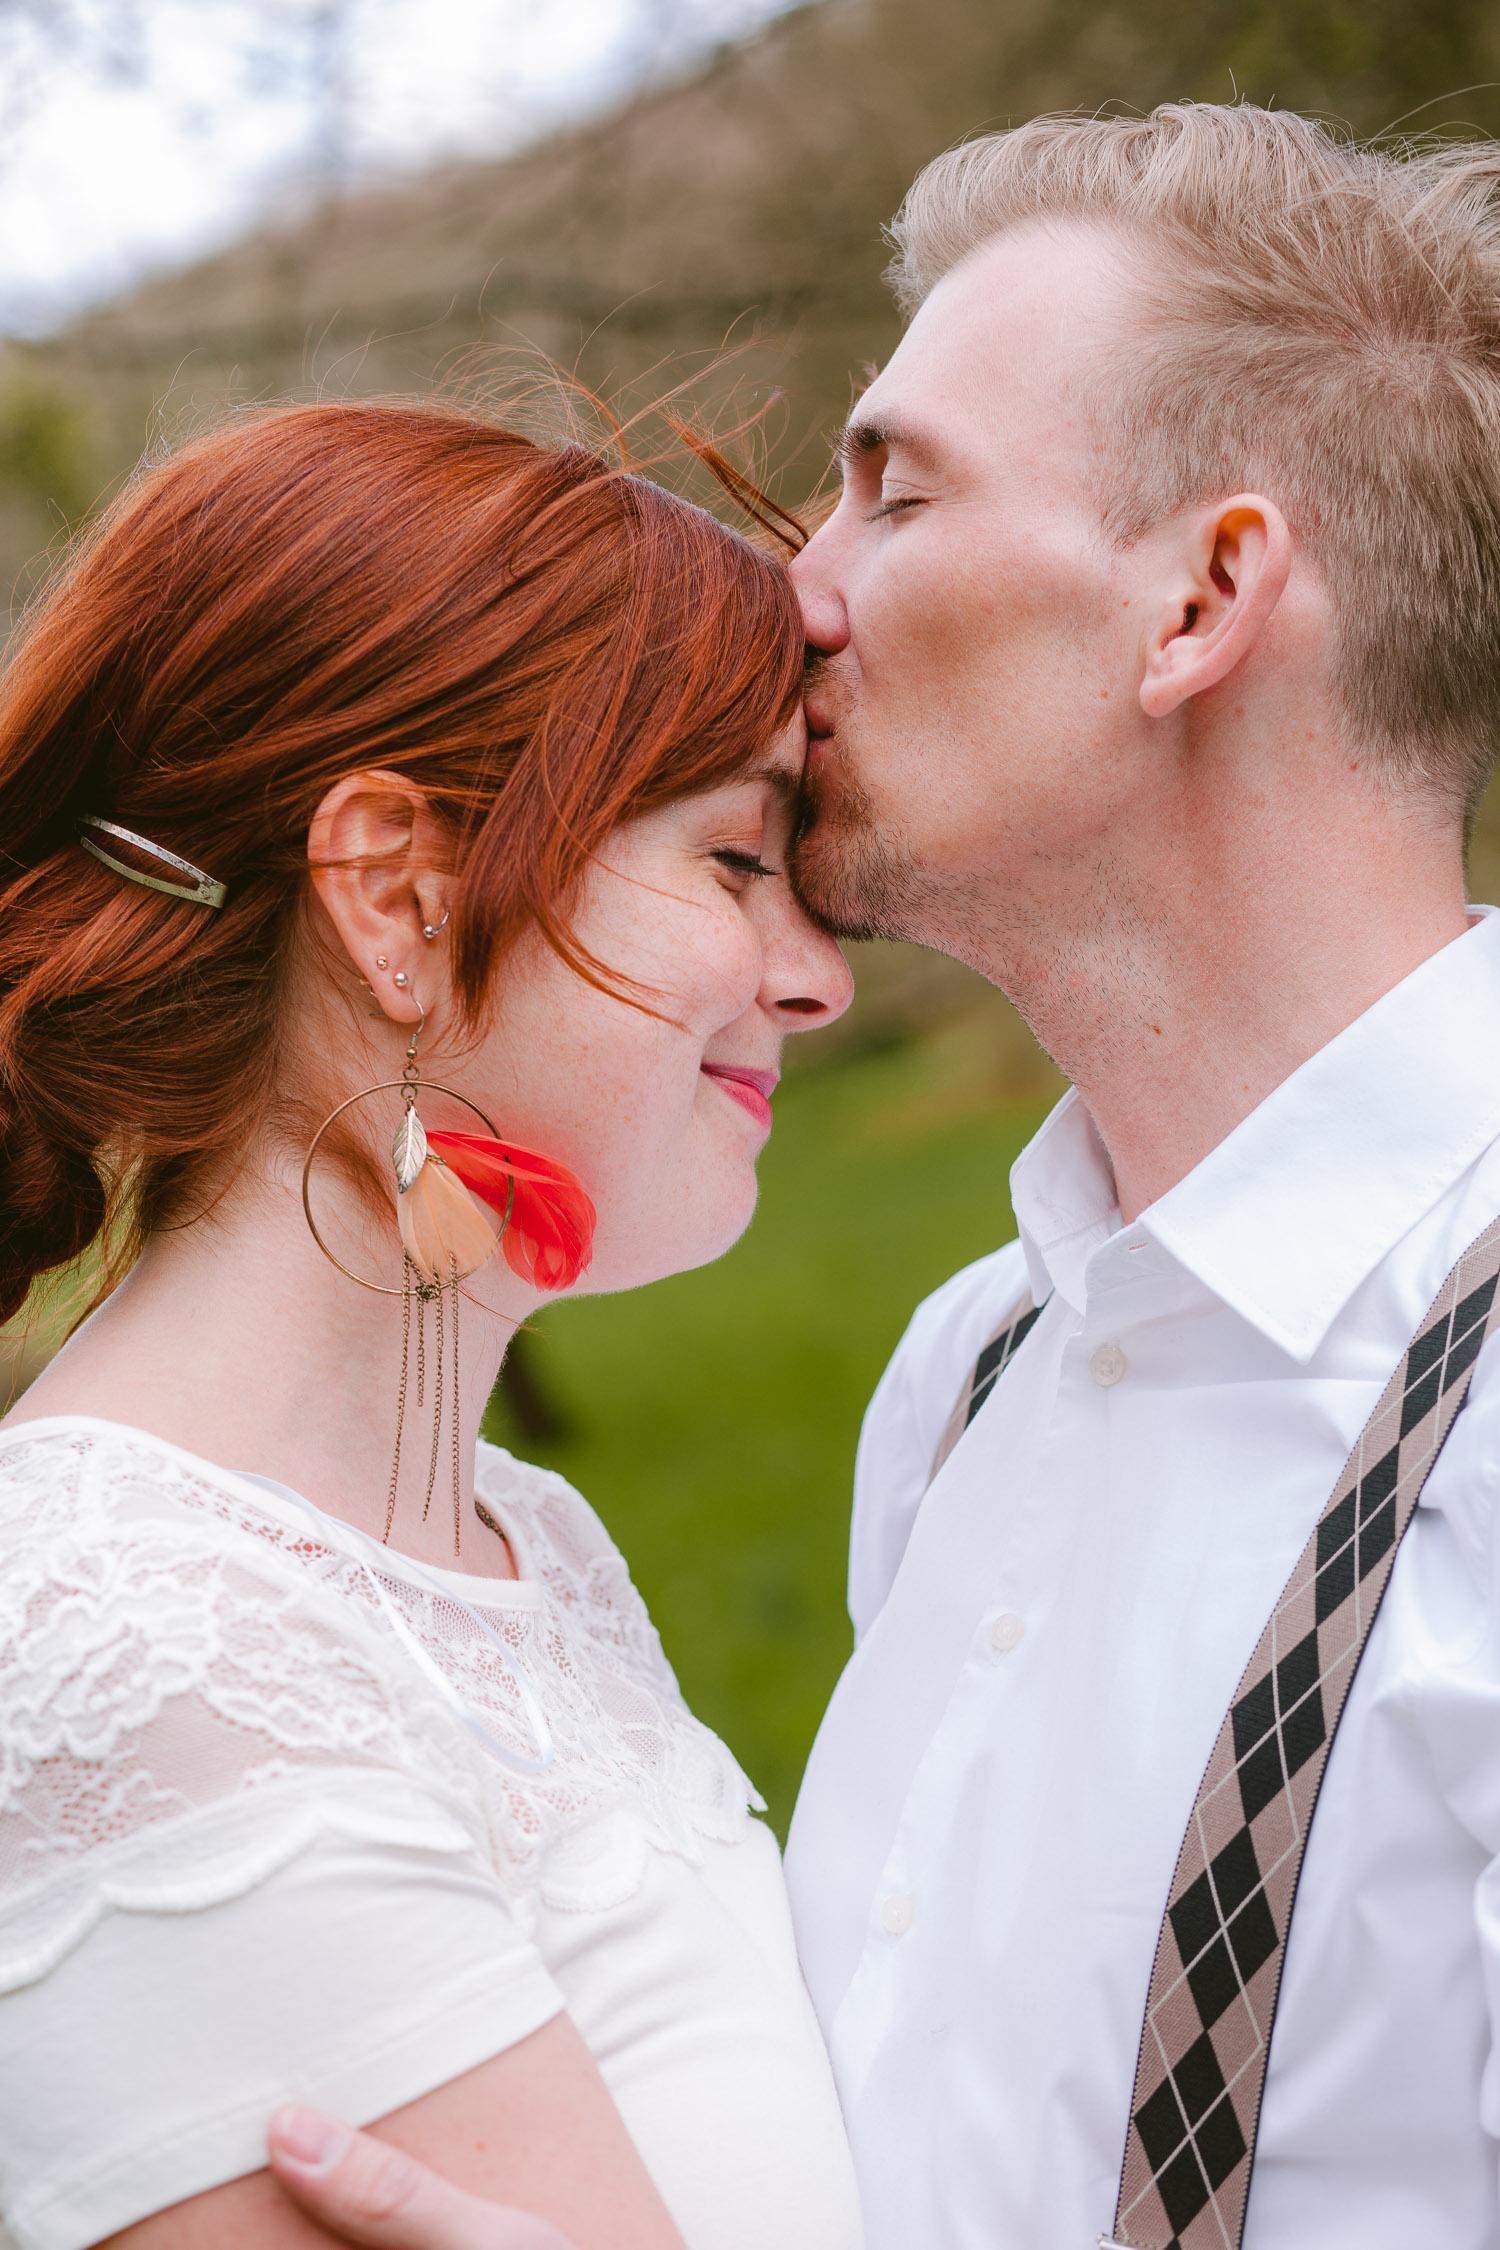 Mann mit Hosenträgern küsst Frau frontal auf die Stirn beim Verlobungsshooting in Trier